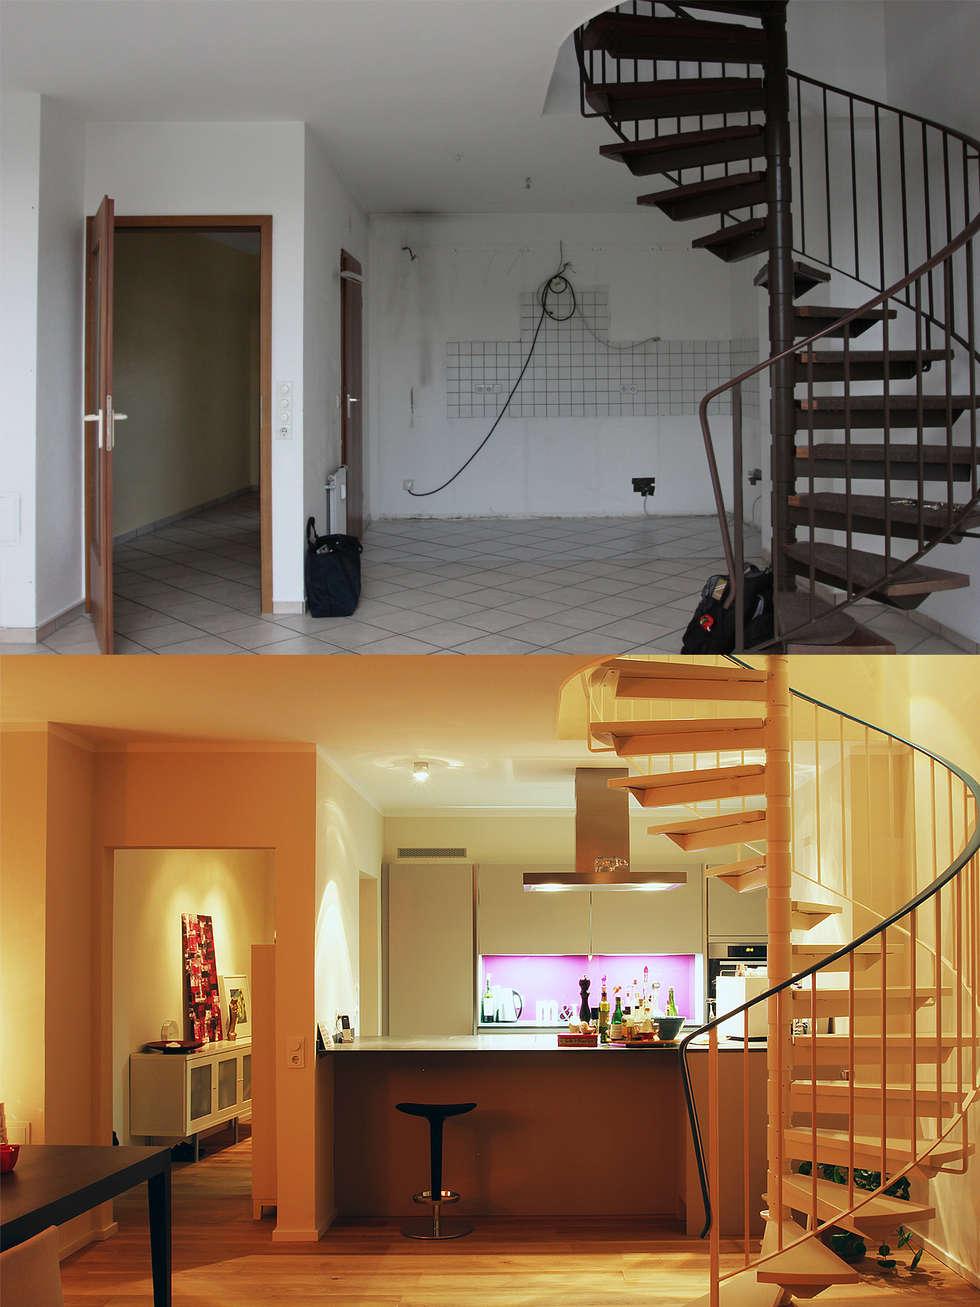 Blickfang Wohnwert Küchen Dekoration Von Die Küche Vorher Und Nachher: Von Innenarchitektur